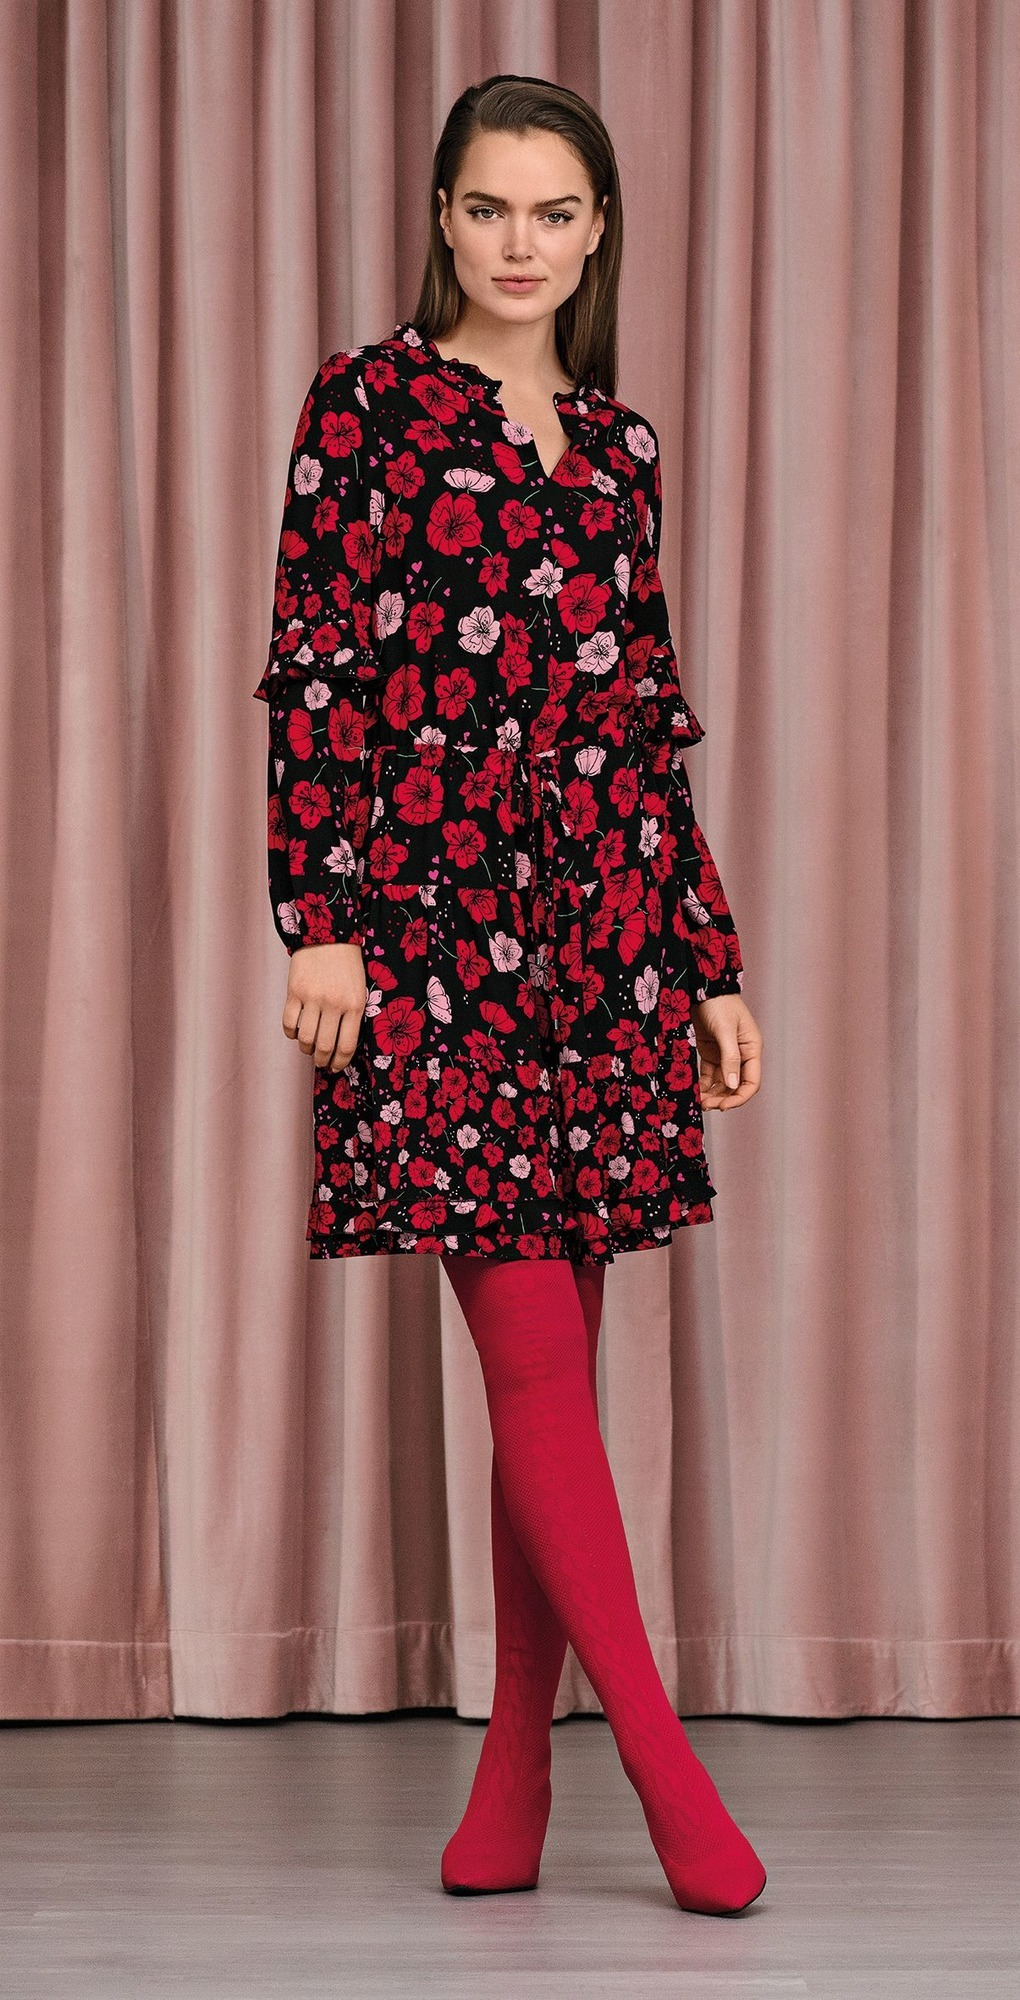 Herbst Und Wintermode Strumpfhosen In Rosa Sind Fur Frauen Im